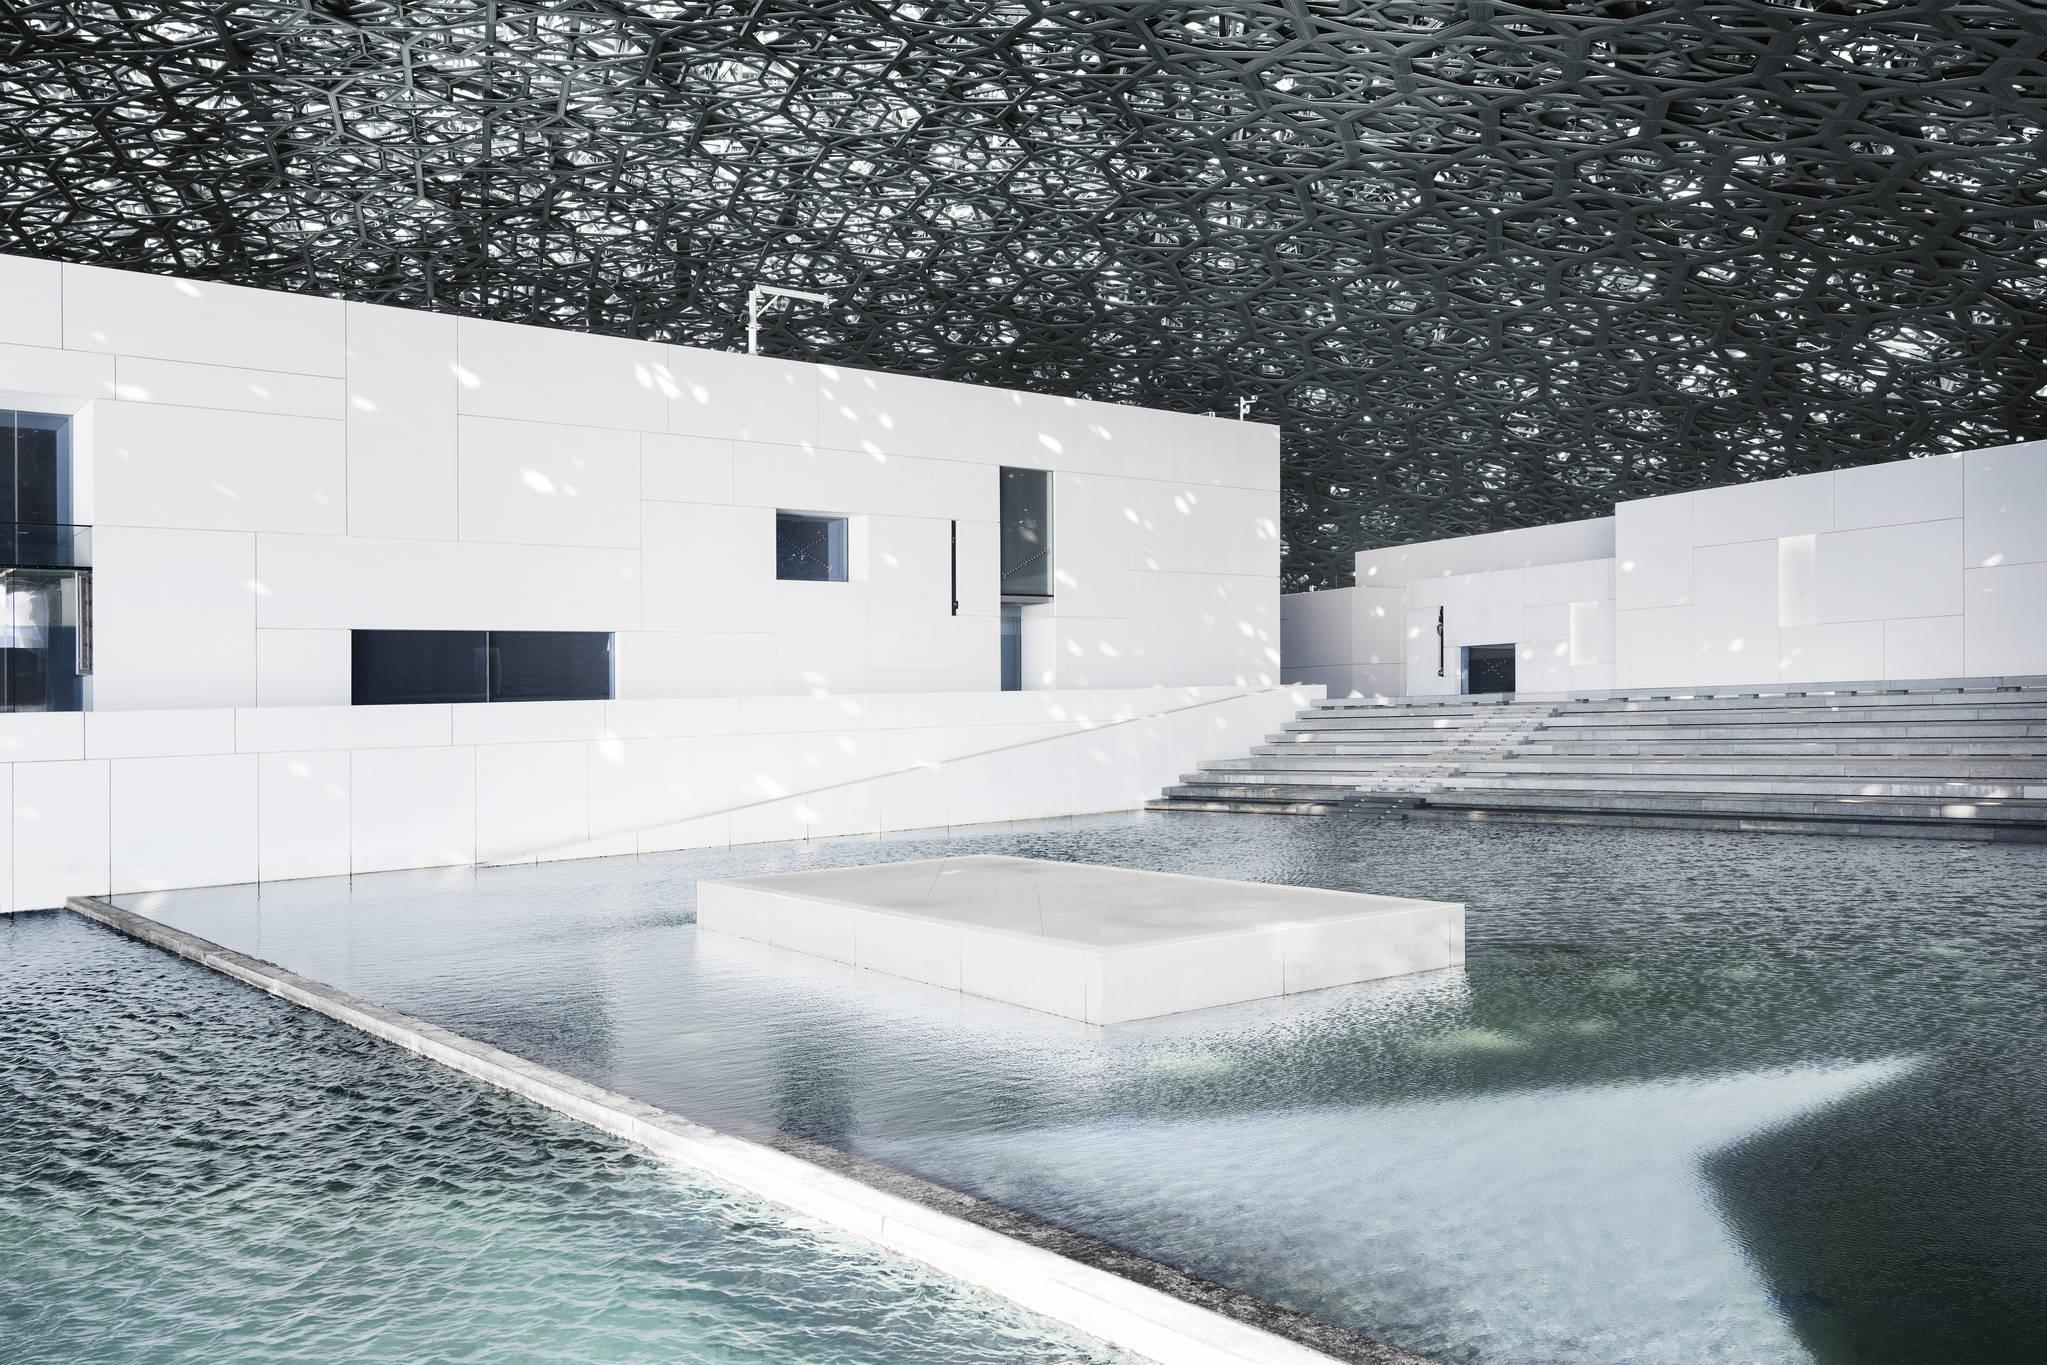 루브르 아부다비의 상징인 돔형 천장을 통해 실내로 빛이 쏟아져 들어오고 있다. [루브르 아부다비]